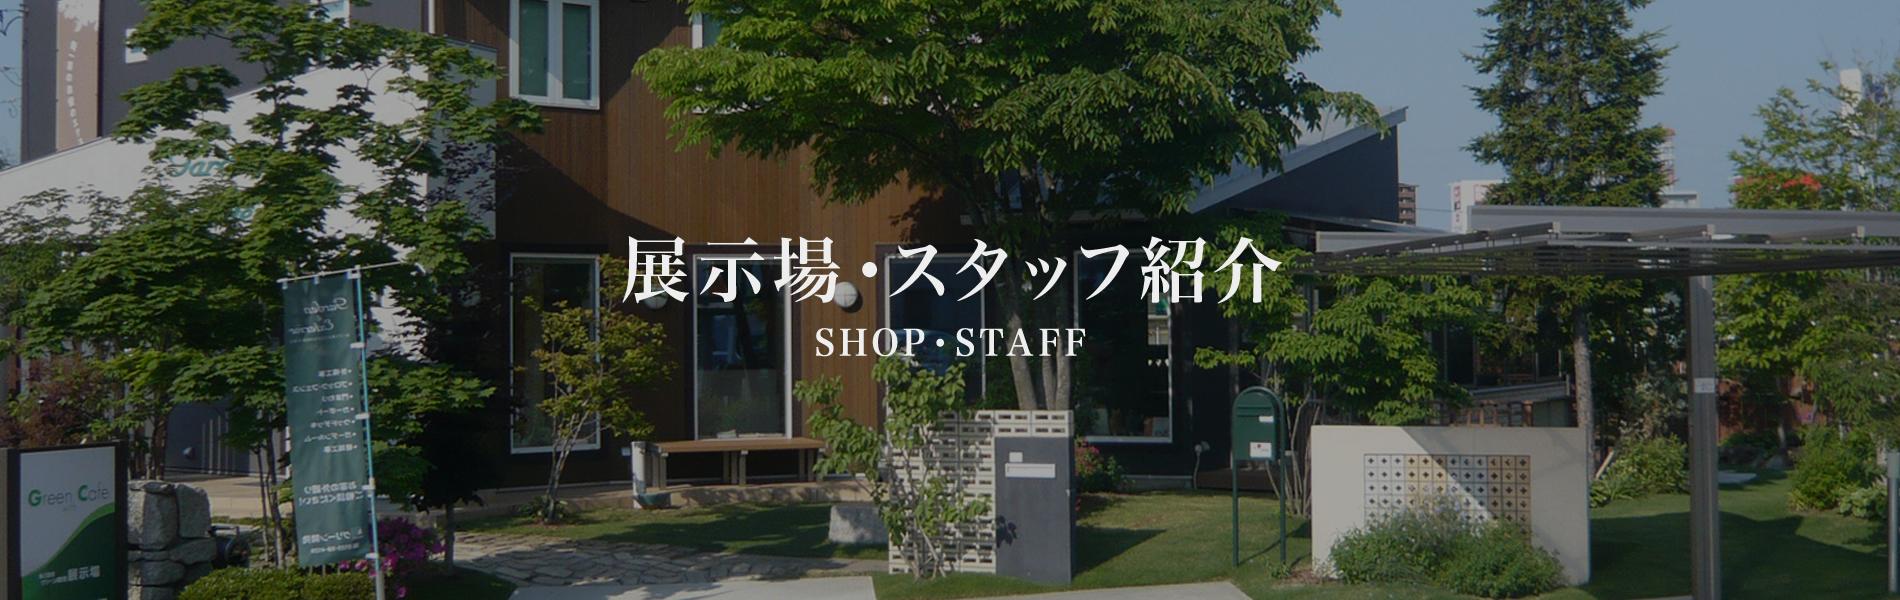 展示場・スタッフ紹介